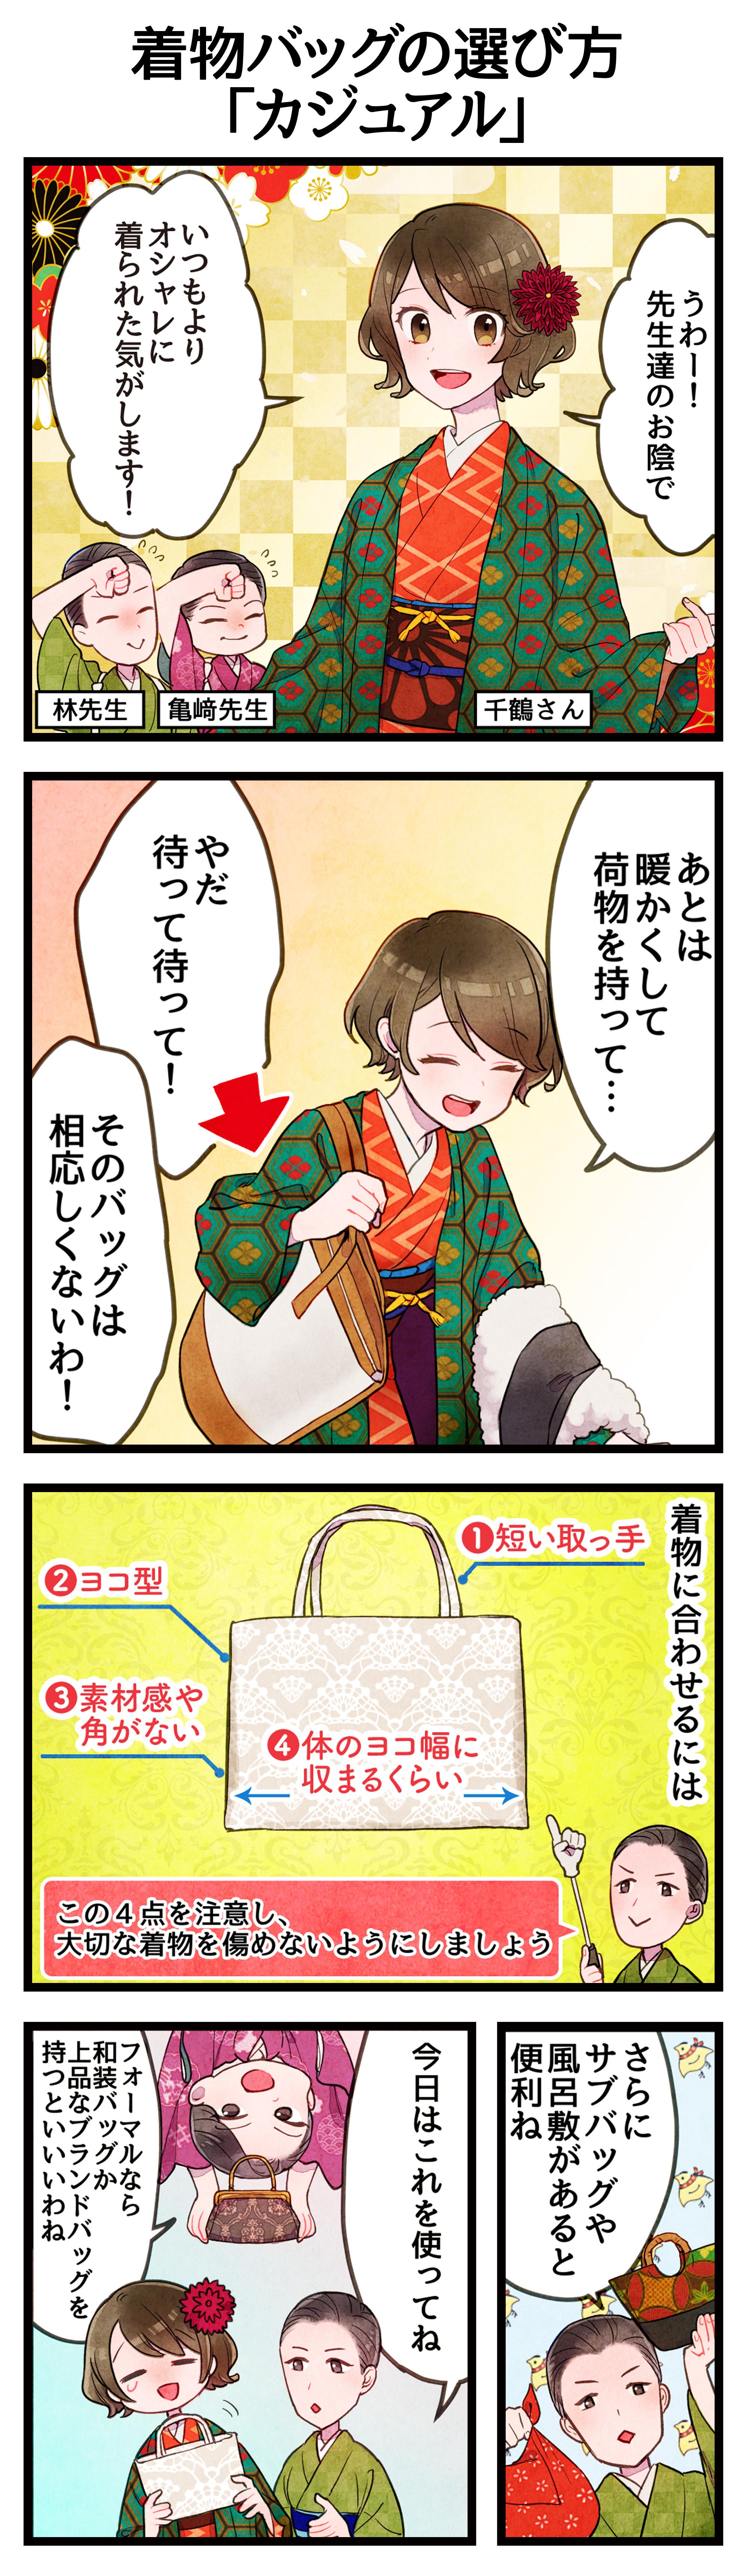 カジュアルな着物バッグの選び方 大阪・兵庫・京都・滋賀・奈良など近畿一円に 日本の伝統と文化を広める「きもの着付け教室」